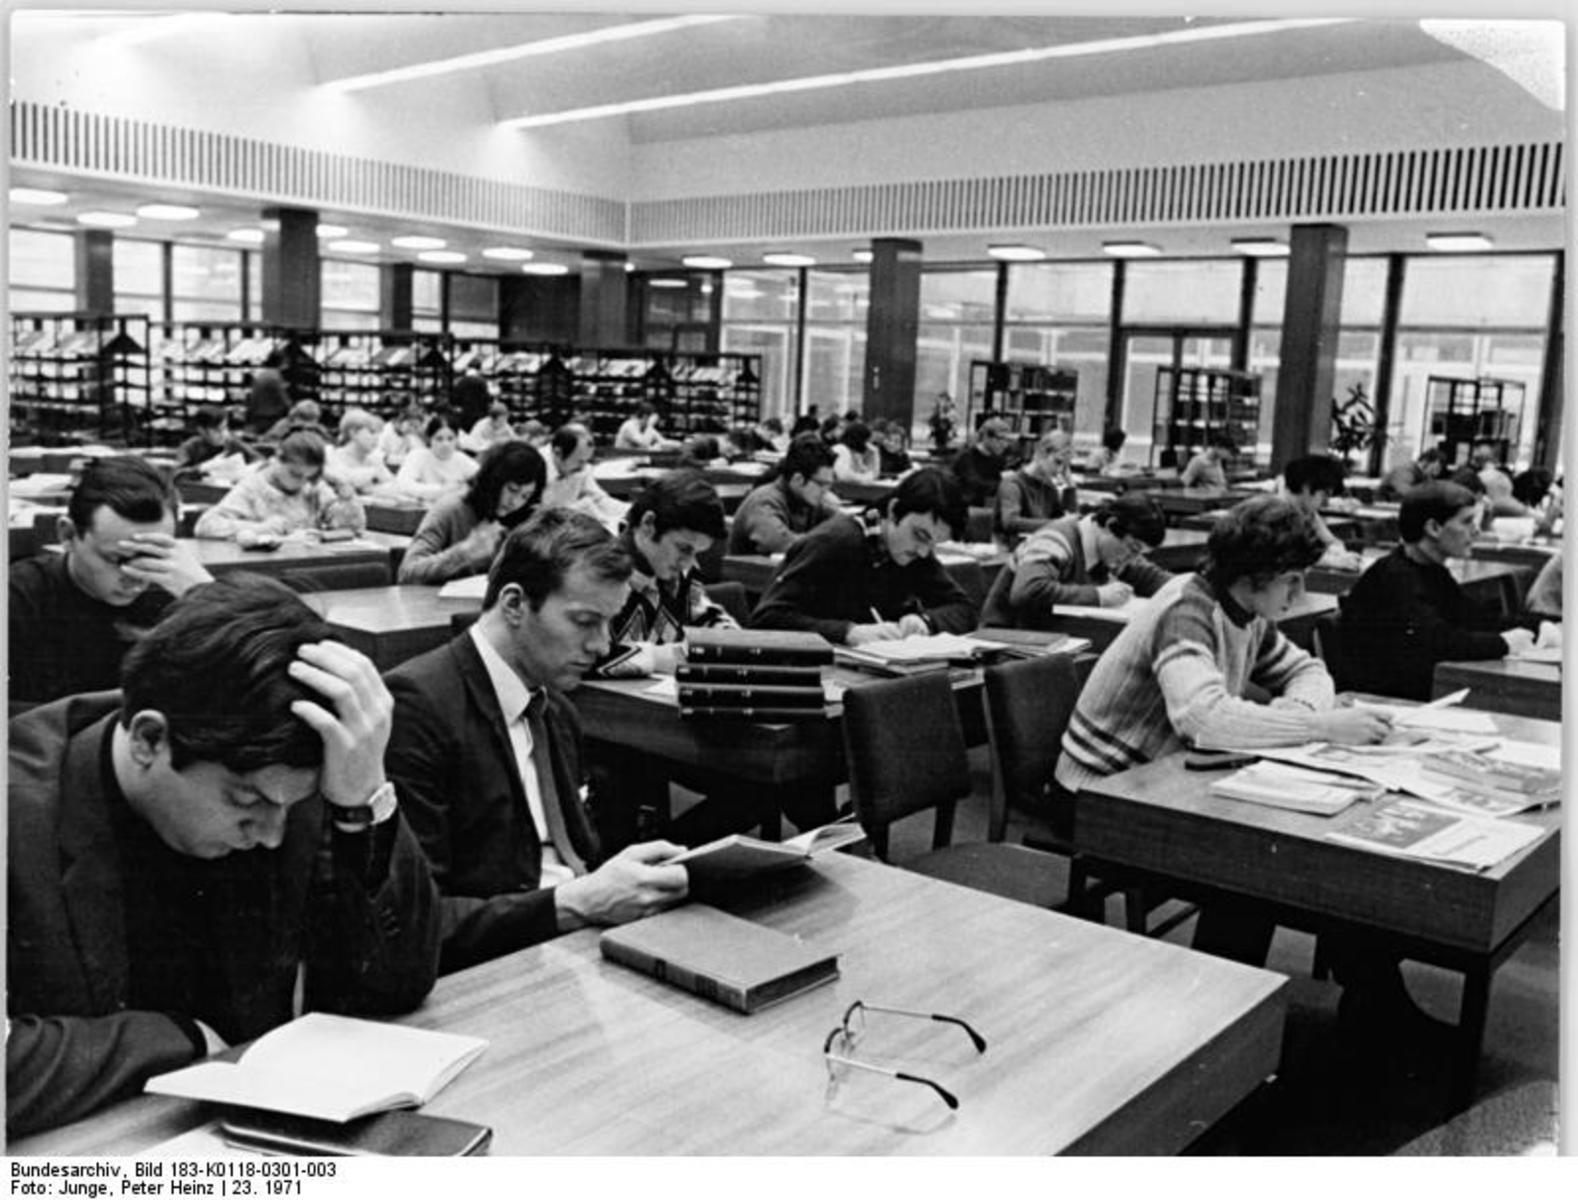 Bundesarchiv_Bild_183-K0118-0301-003,_Berlin,_Stadtbibliothek,_Lesesaal.jpg